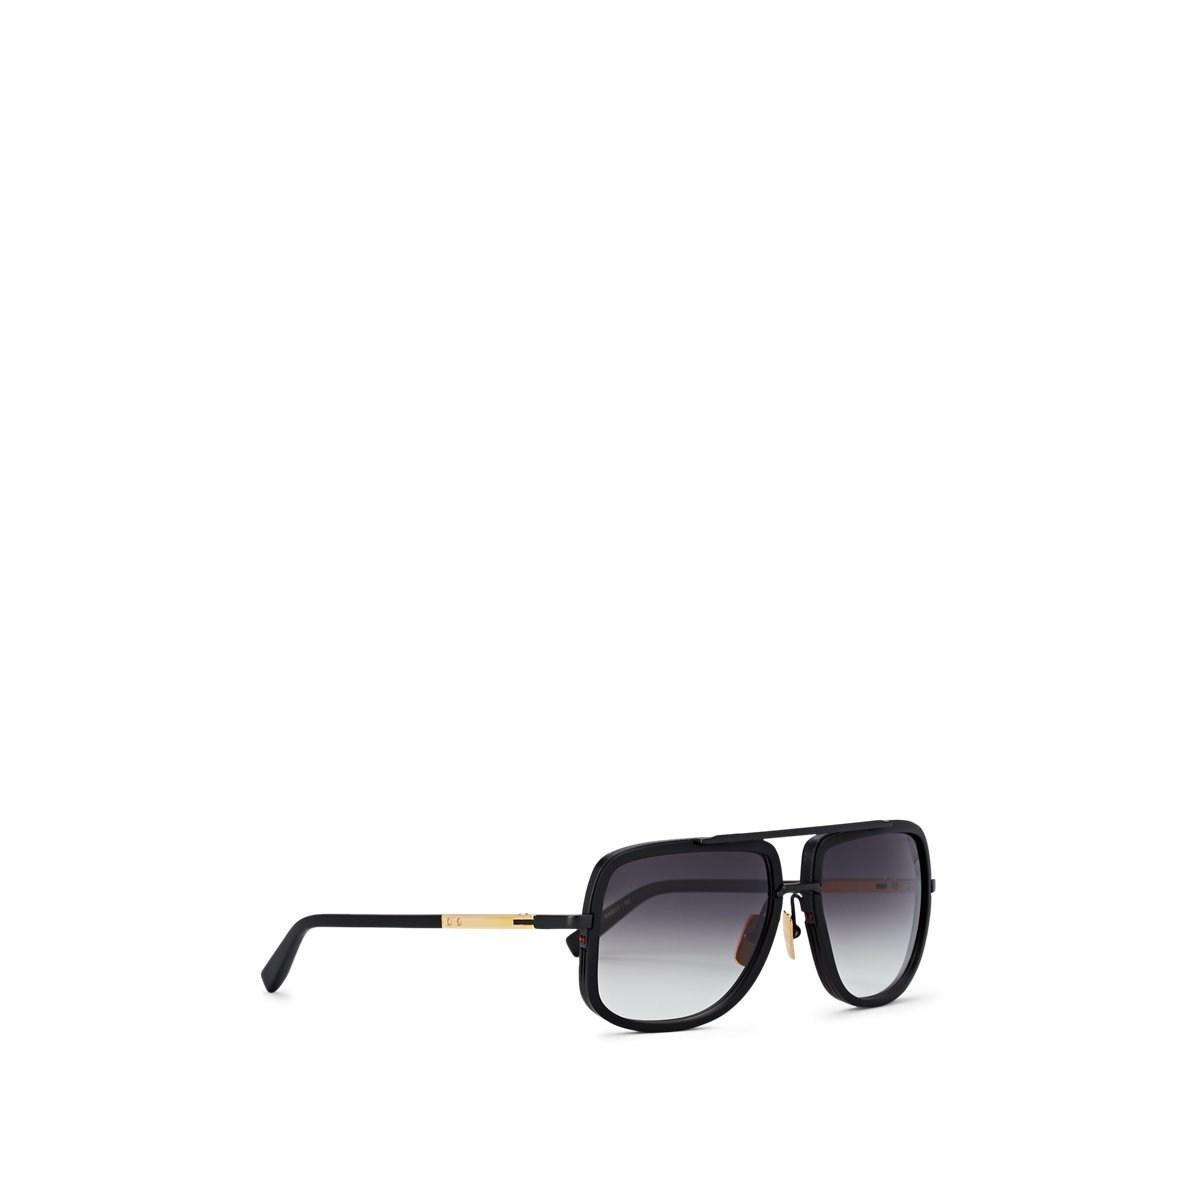 1e538767c84 Lyst - DITA Mach-one Sunglasses in Black for Men